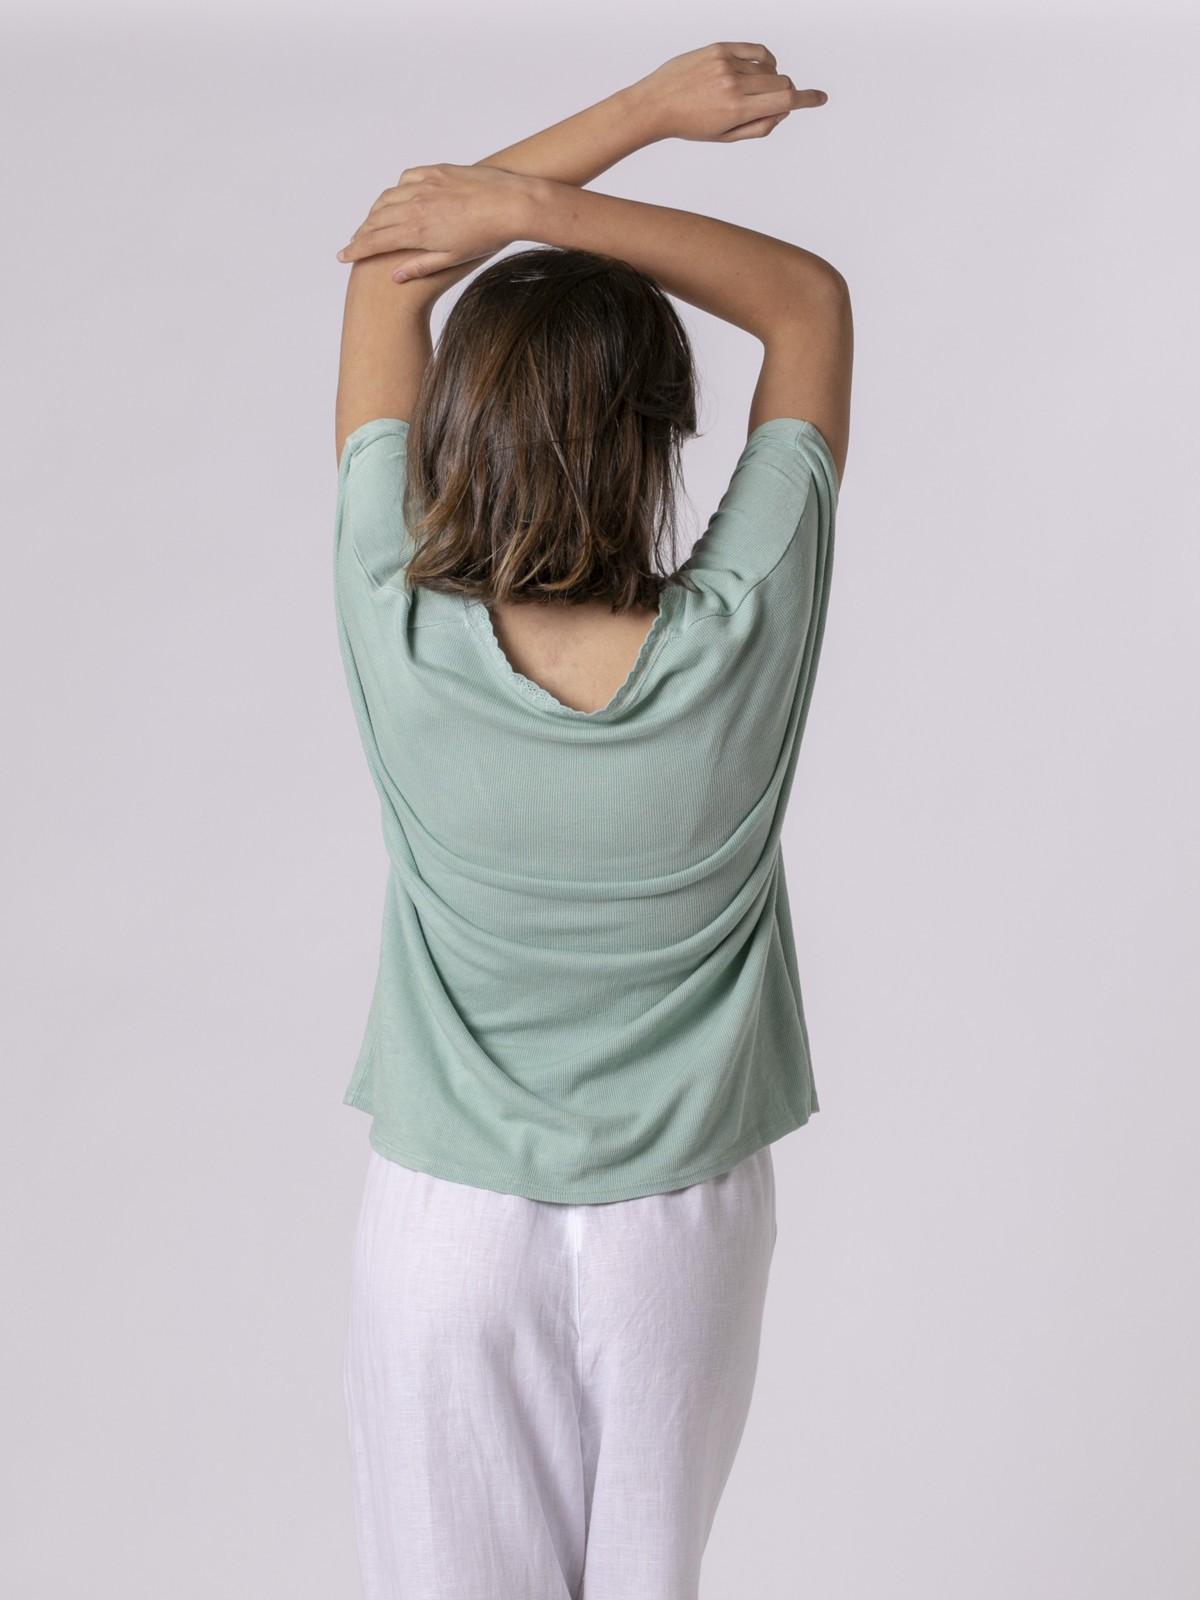 Camiseta mujer puntilla Aqua